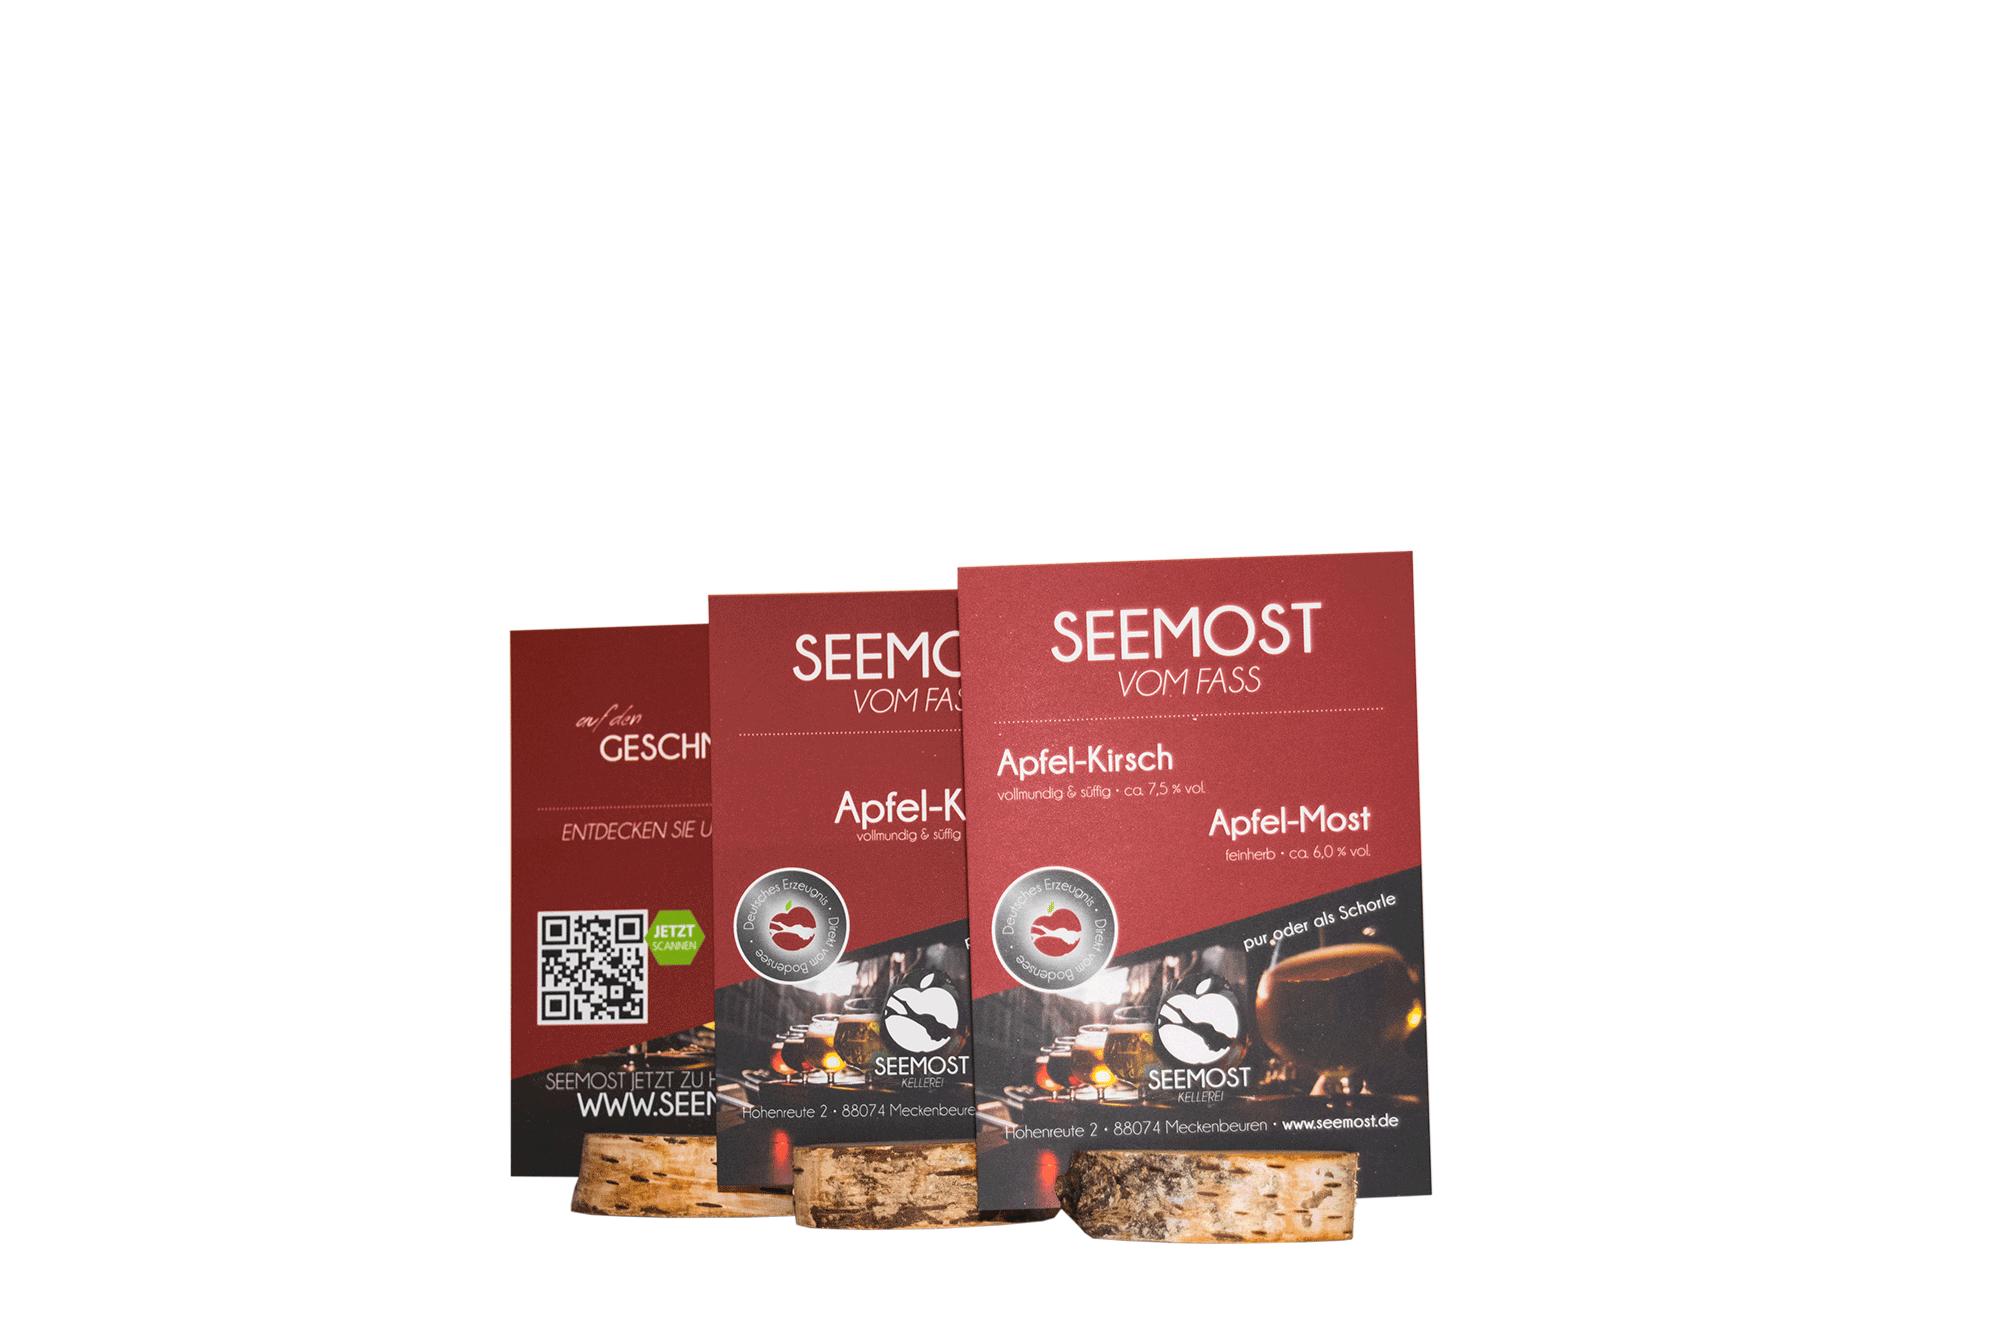 Seemost-Kellerei-Apfel-Gastronomie-Tischaufsteller